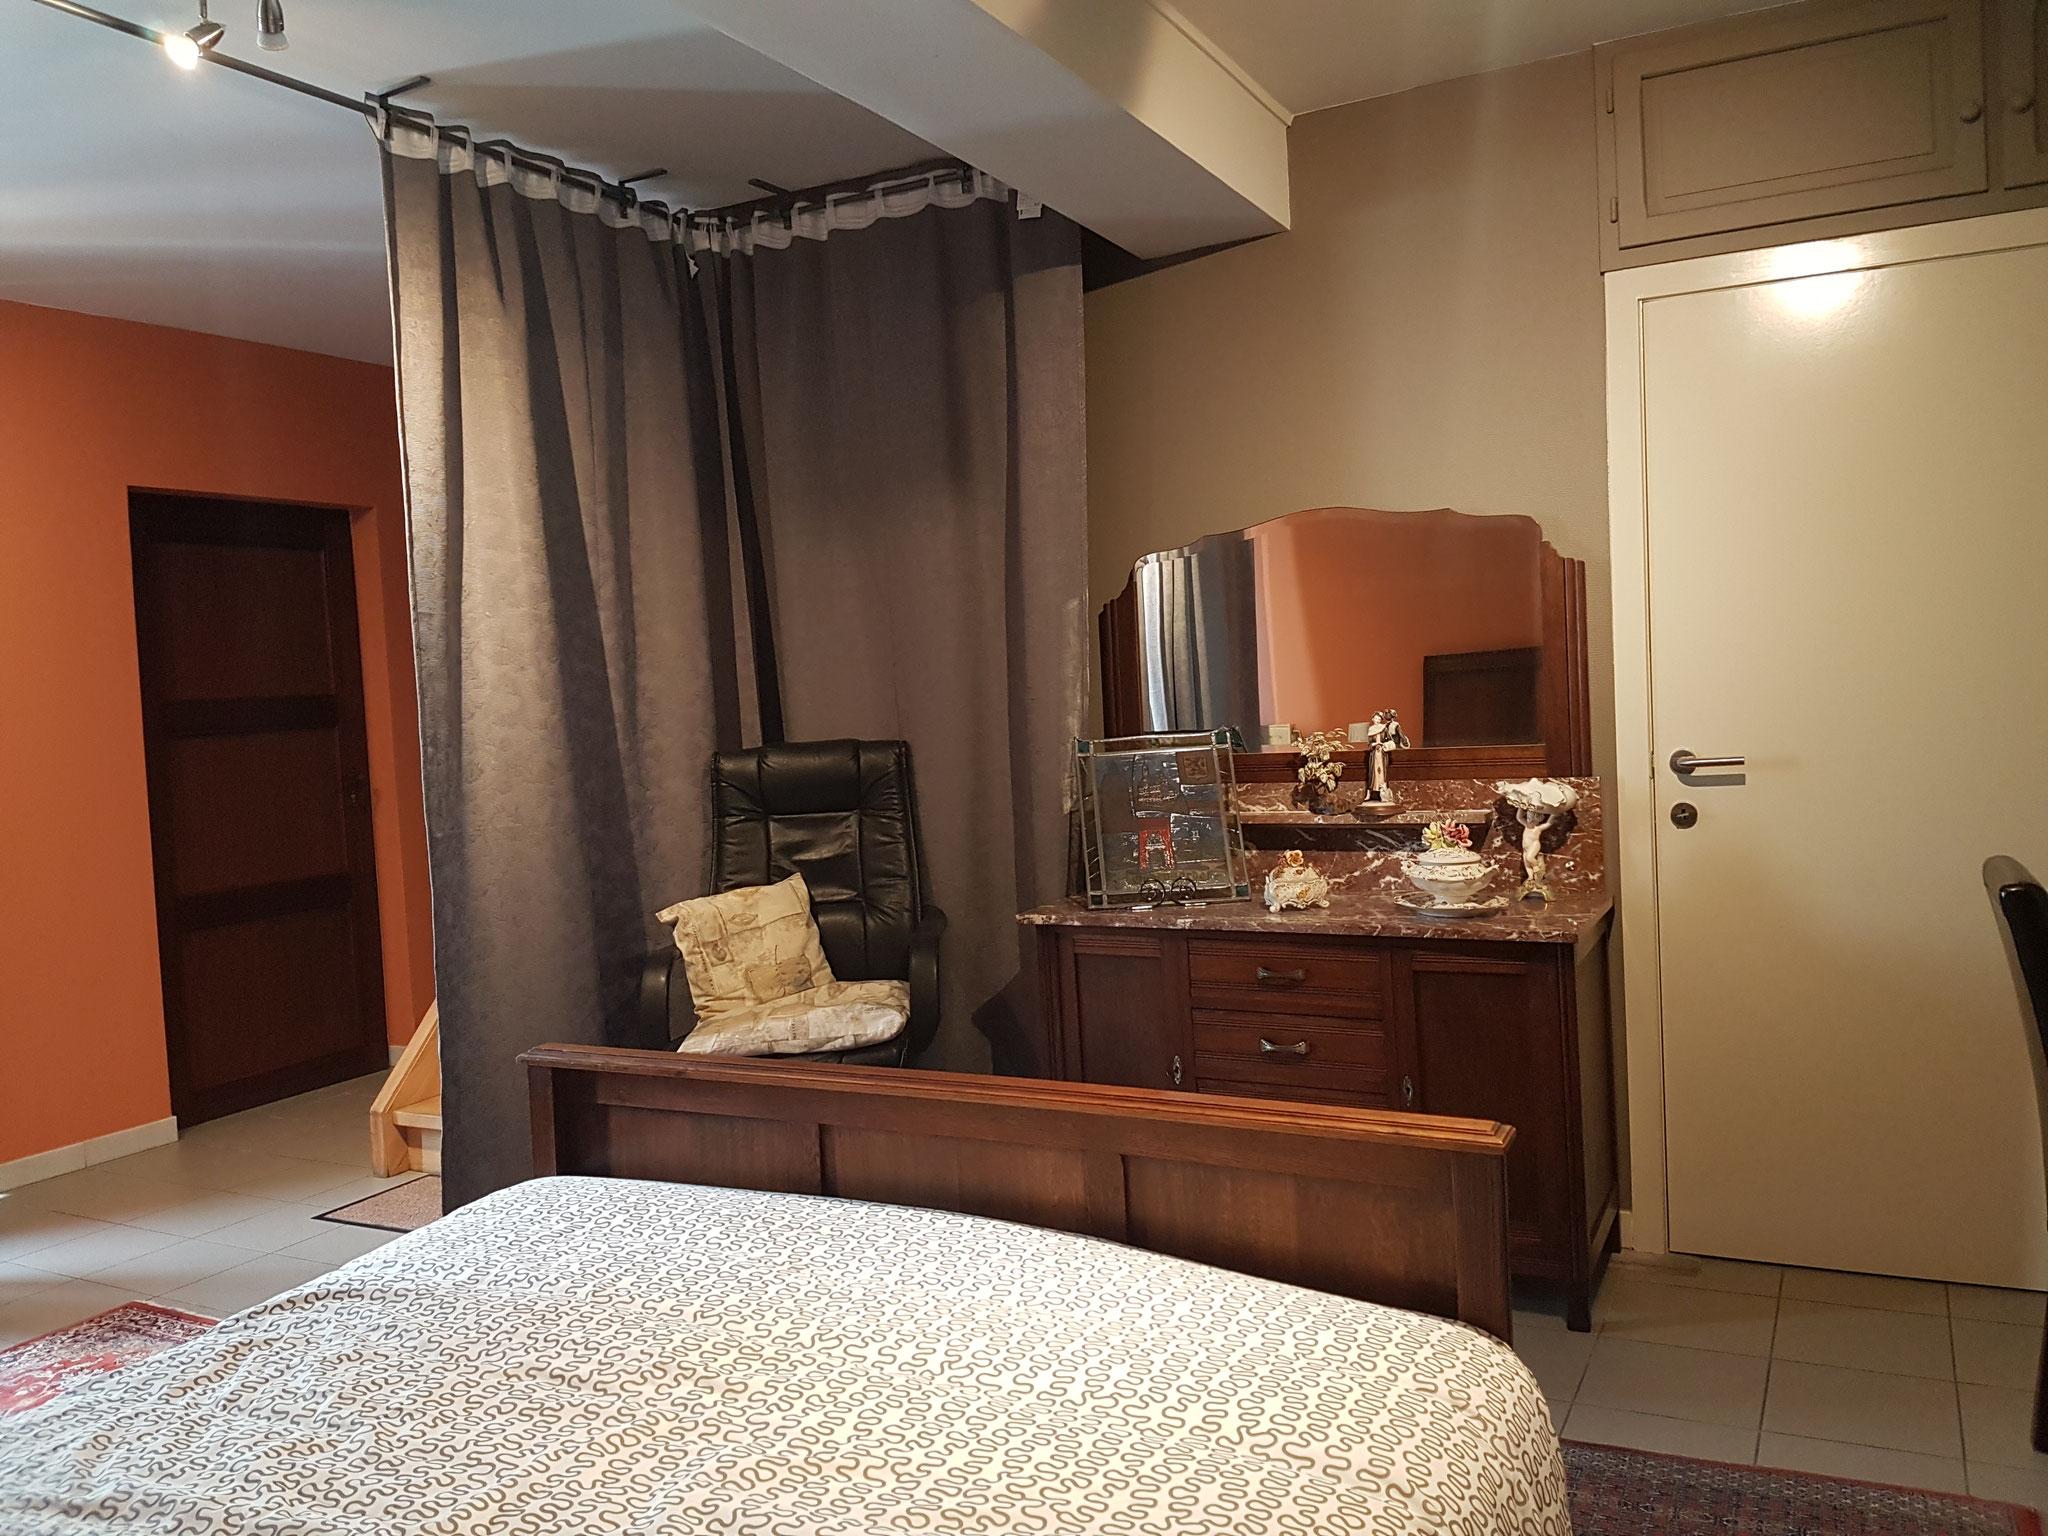 Slaapkamer gelijkvloers